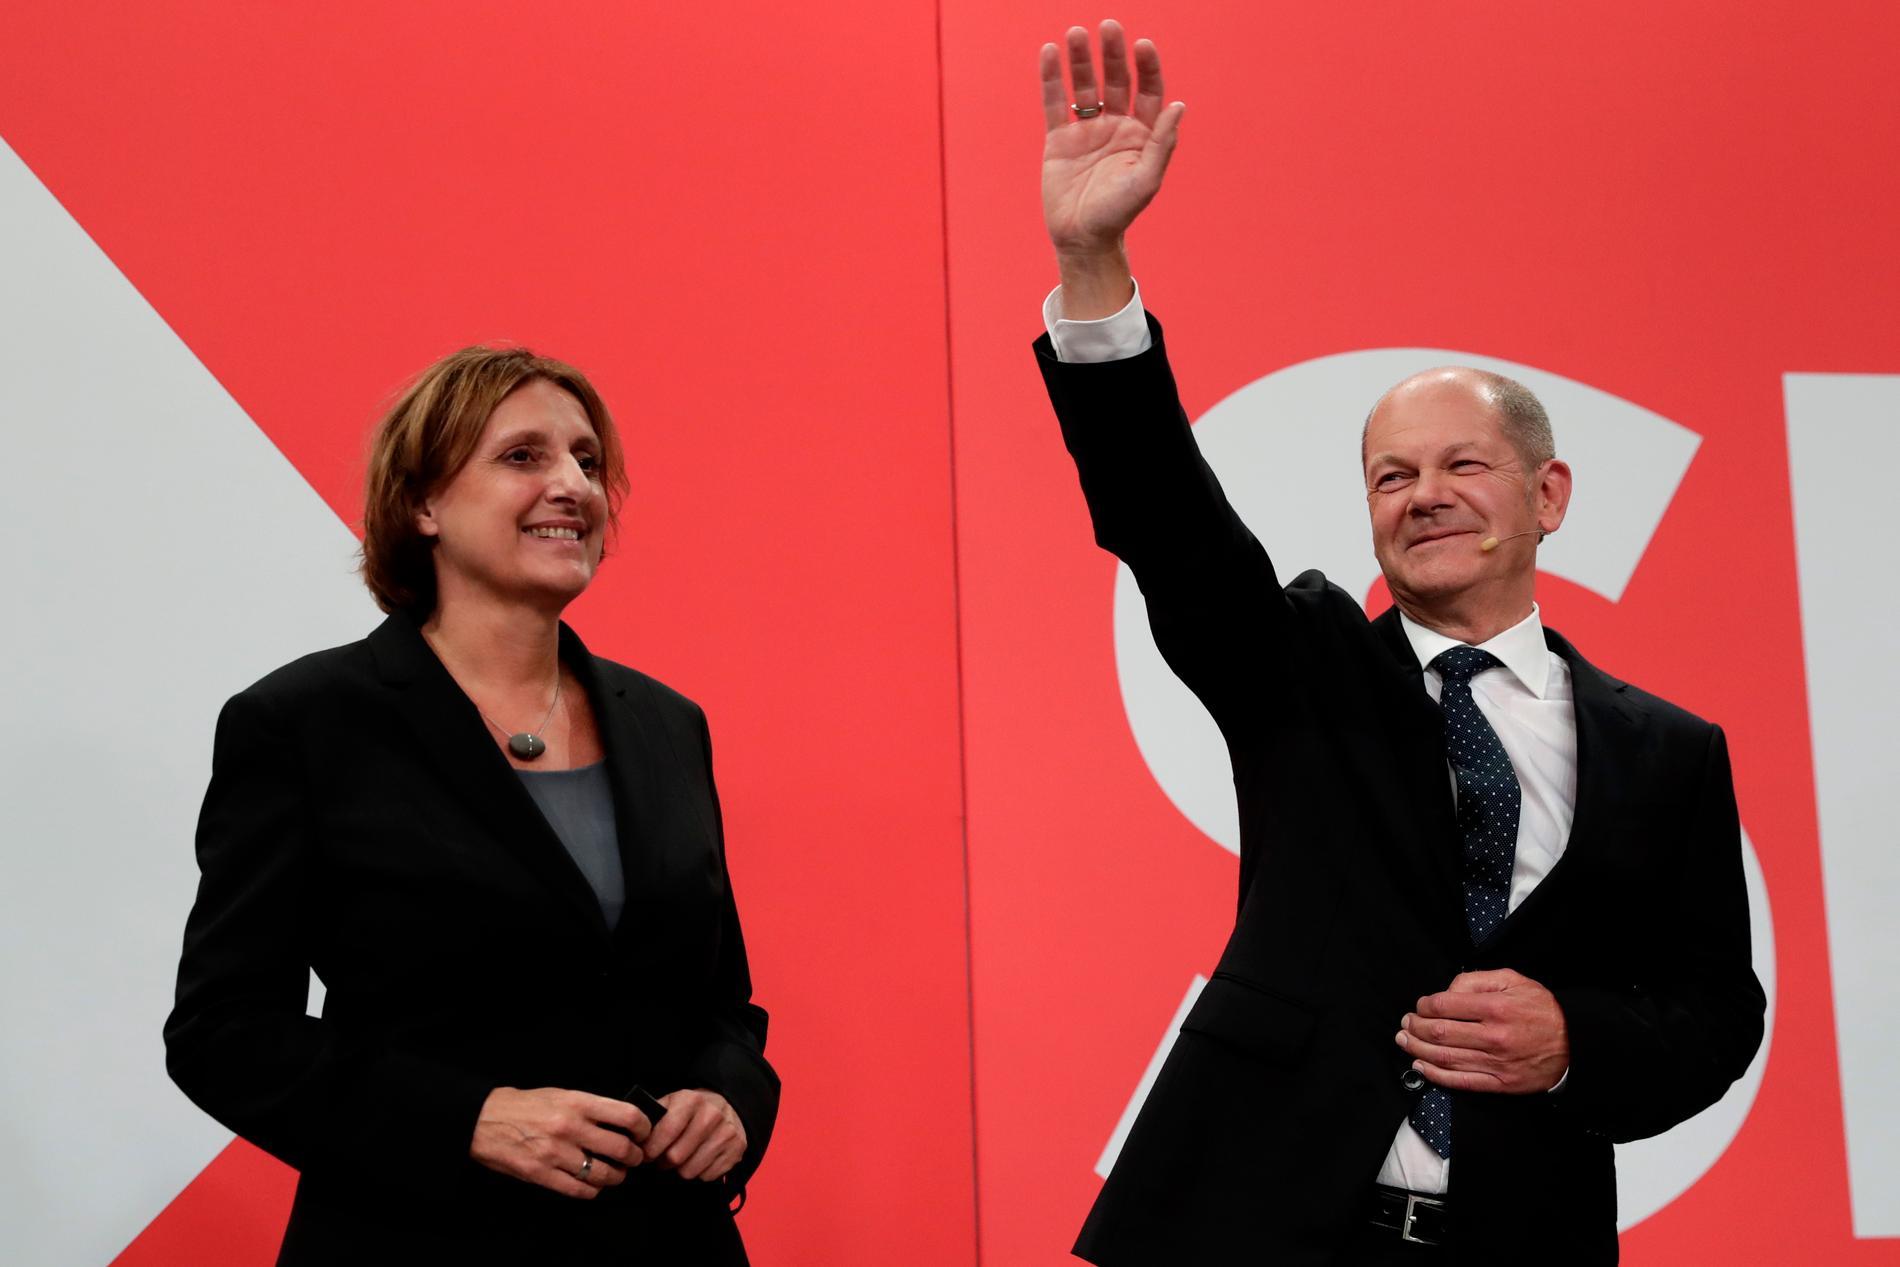 Olaf Scholz, finansminister och partiets SPD:s kandidat till ny förbundskansler. Här står han  bredvid sin fru Birgitta vid socialdemokratiska partiets högkvarter i Berlin och vinkar han till sina anhängare på valdagen söndag den 26 september.